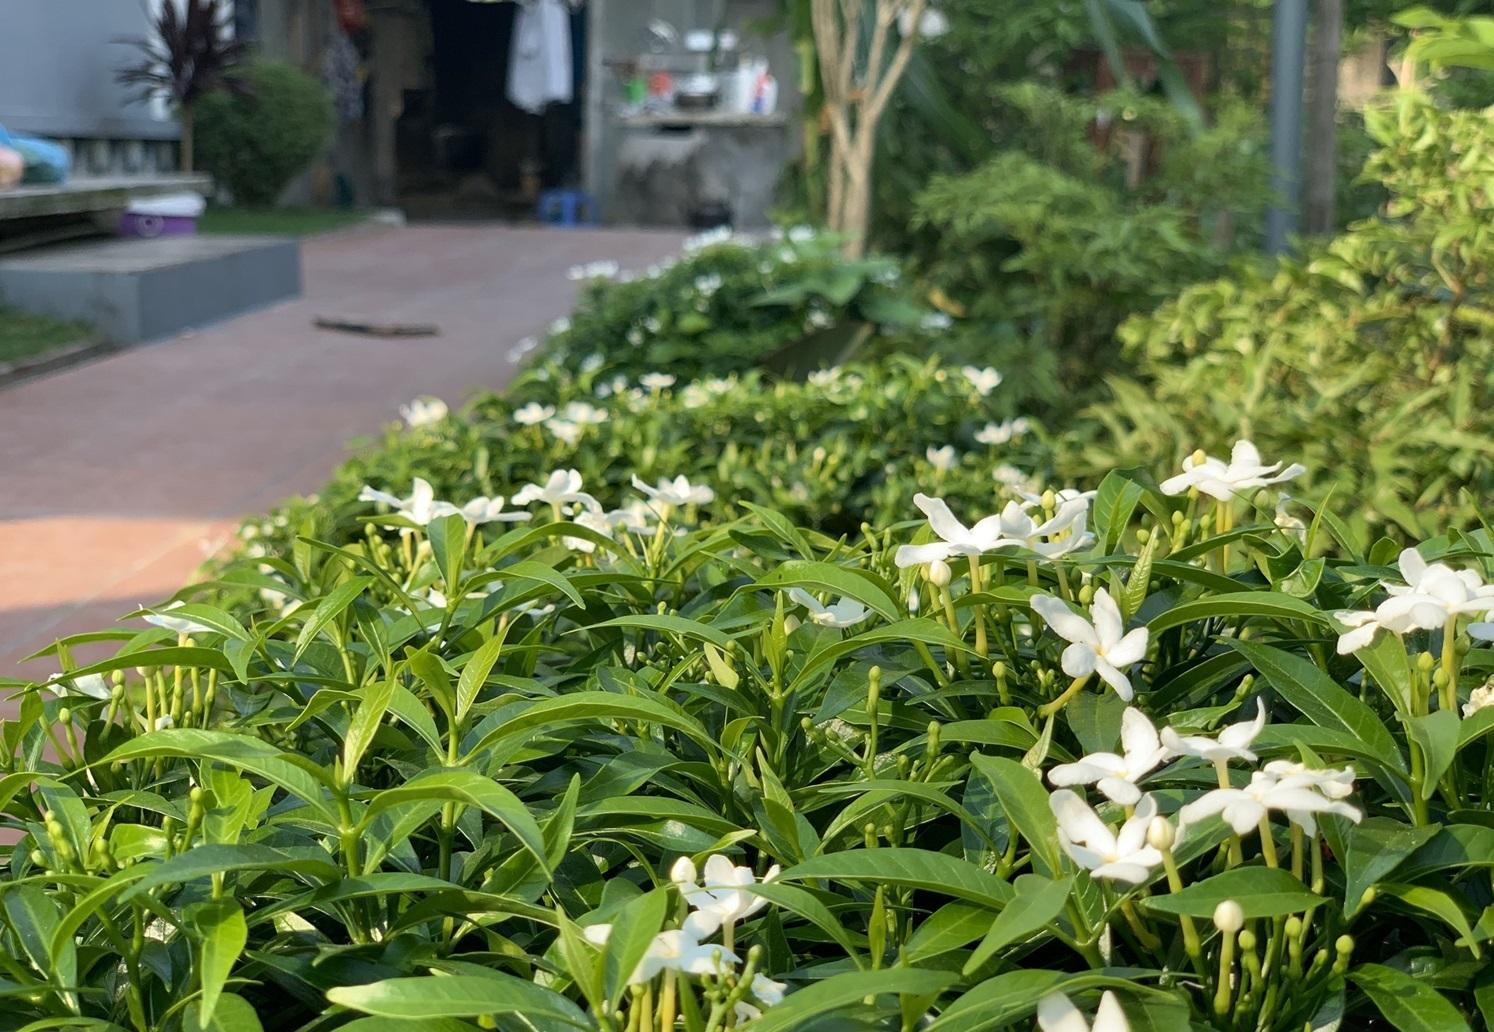 11 1598799900003338155101 - Con trai xây nhà vườn bên đồng lúa xanh mát tặng bố mẹ an hưởng tuổi già ở Vĩnh Phúc